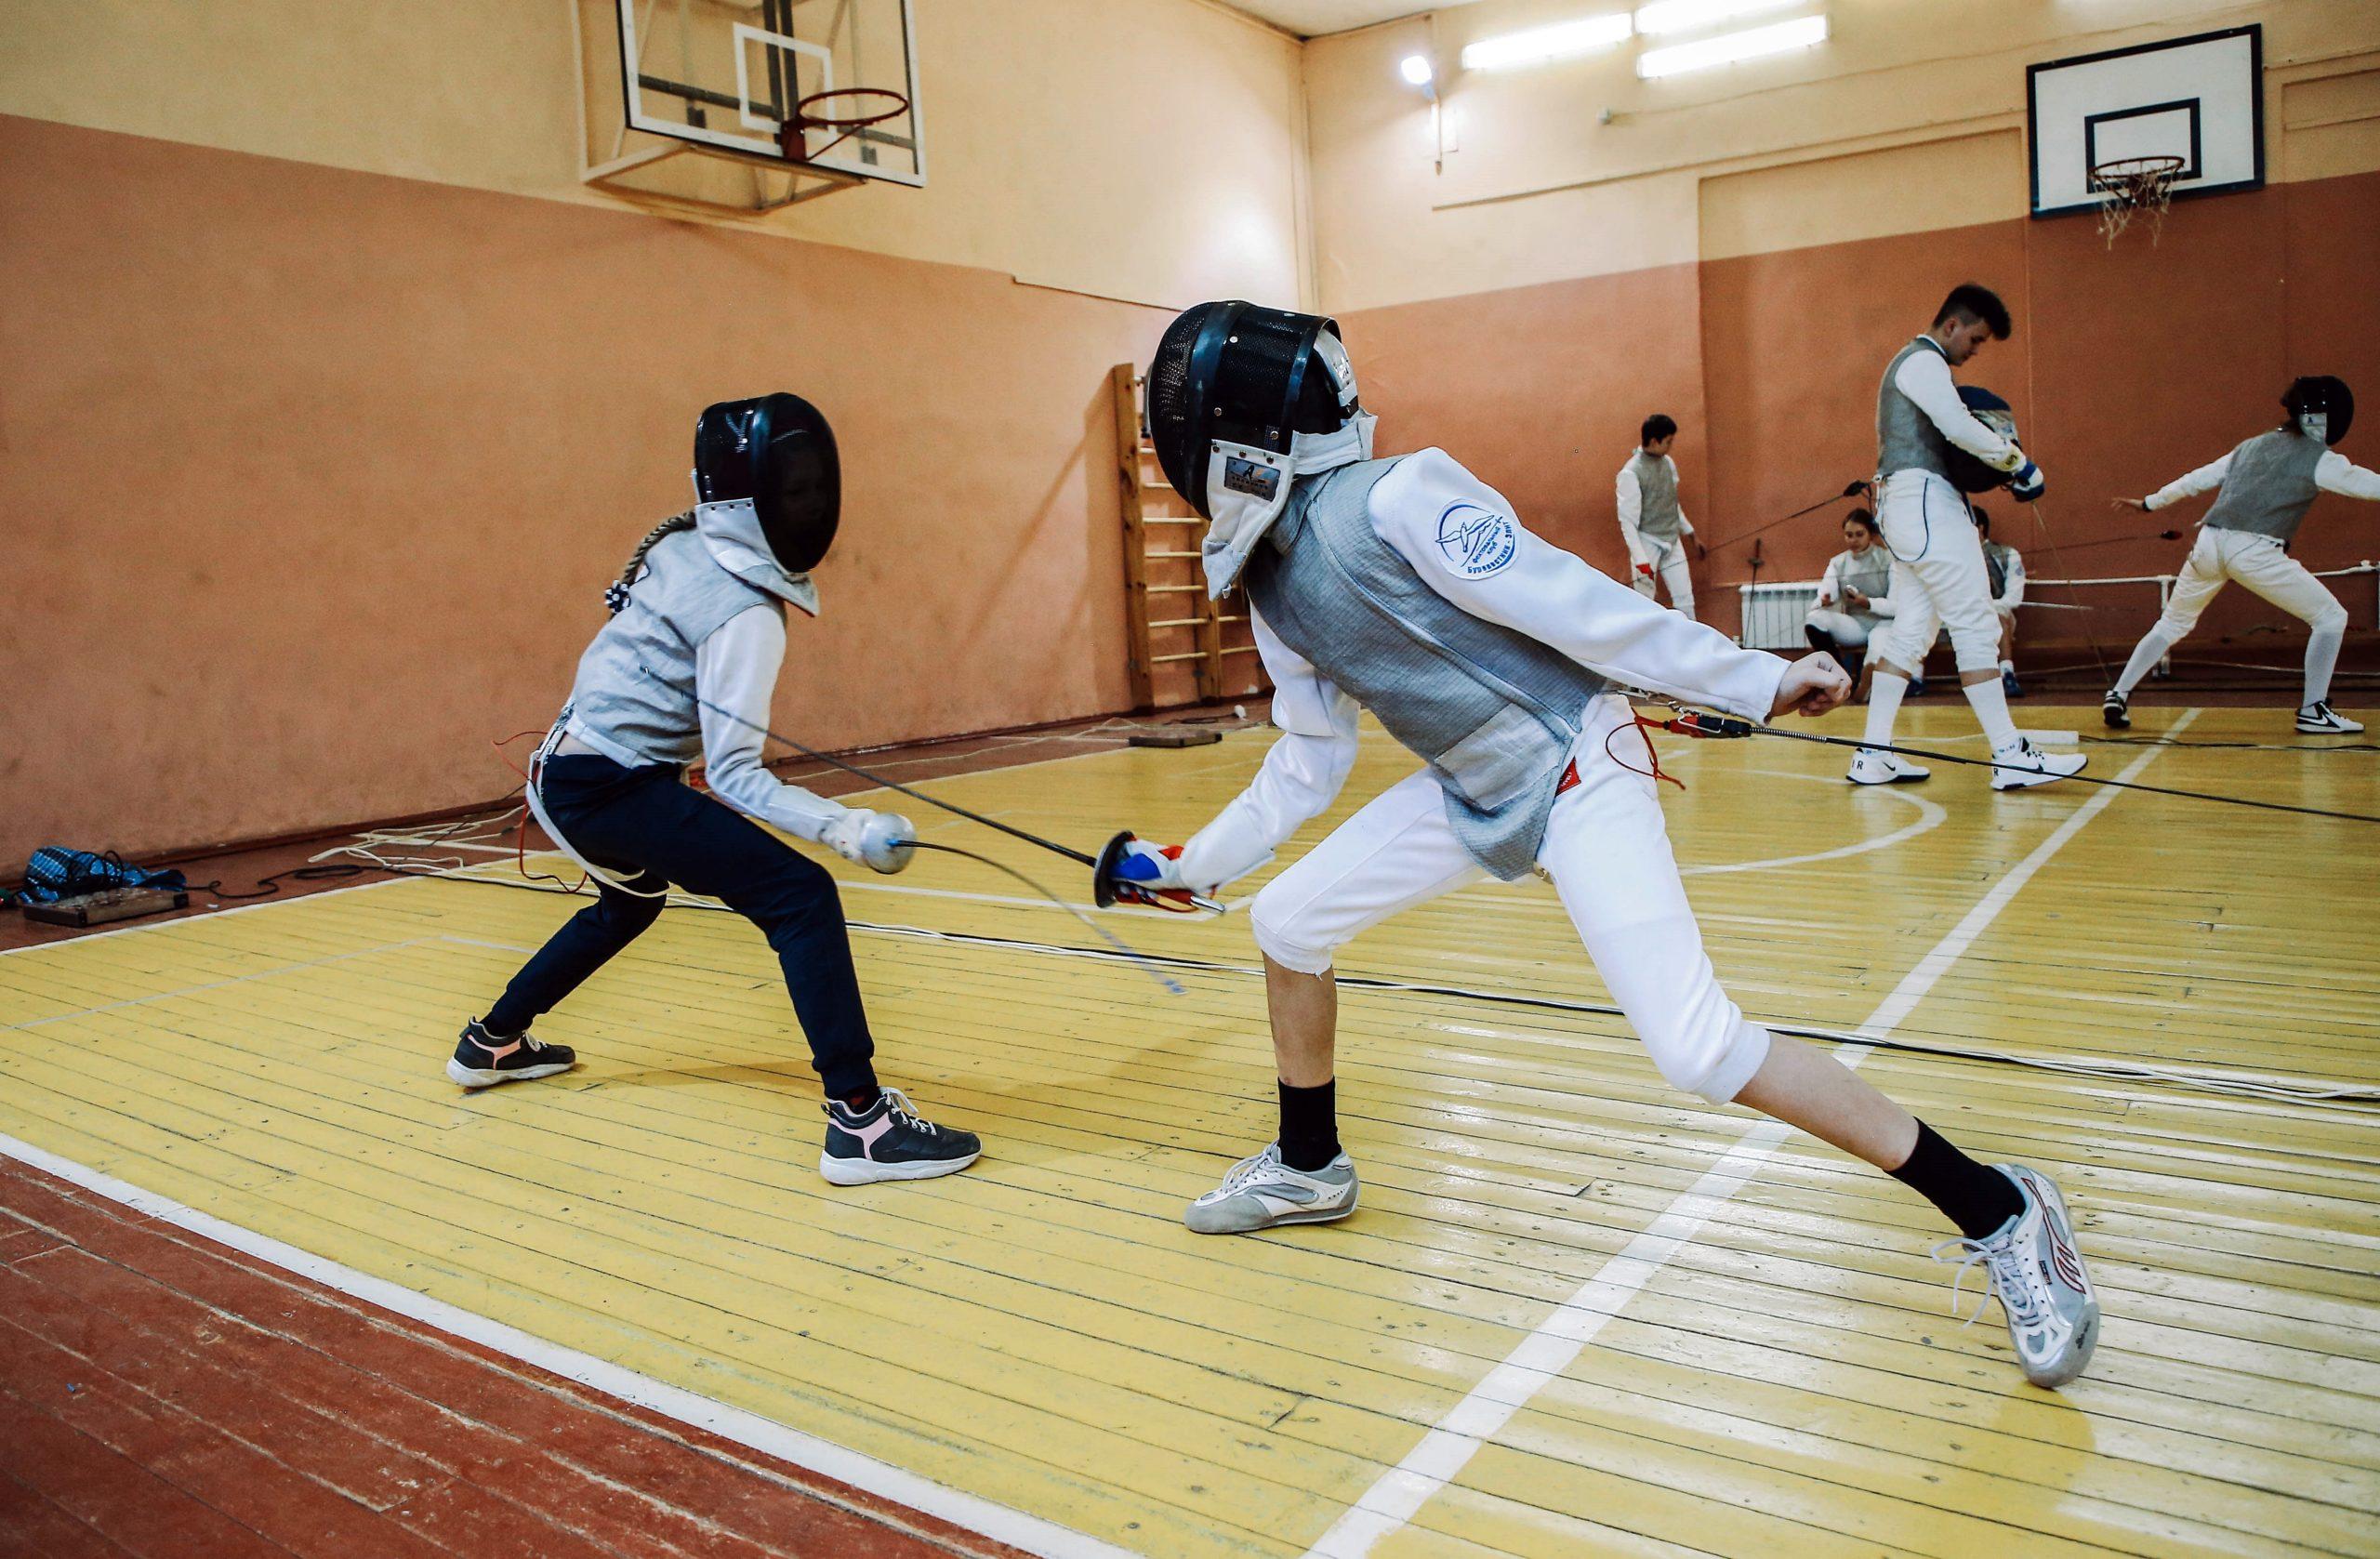 Куда сводить детей в Твери: афиша с 20 по 26 января